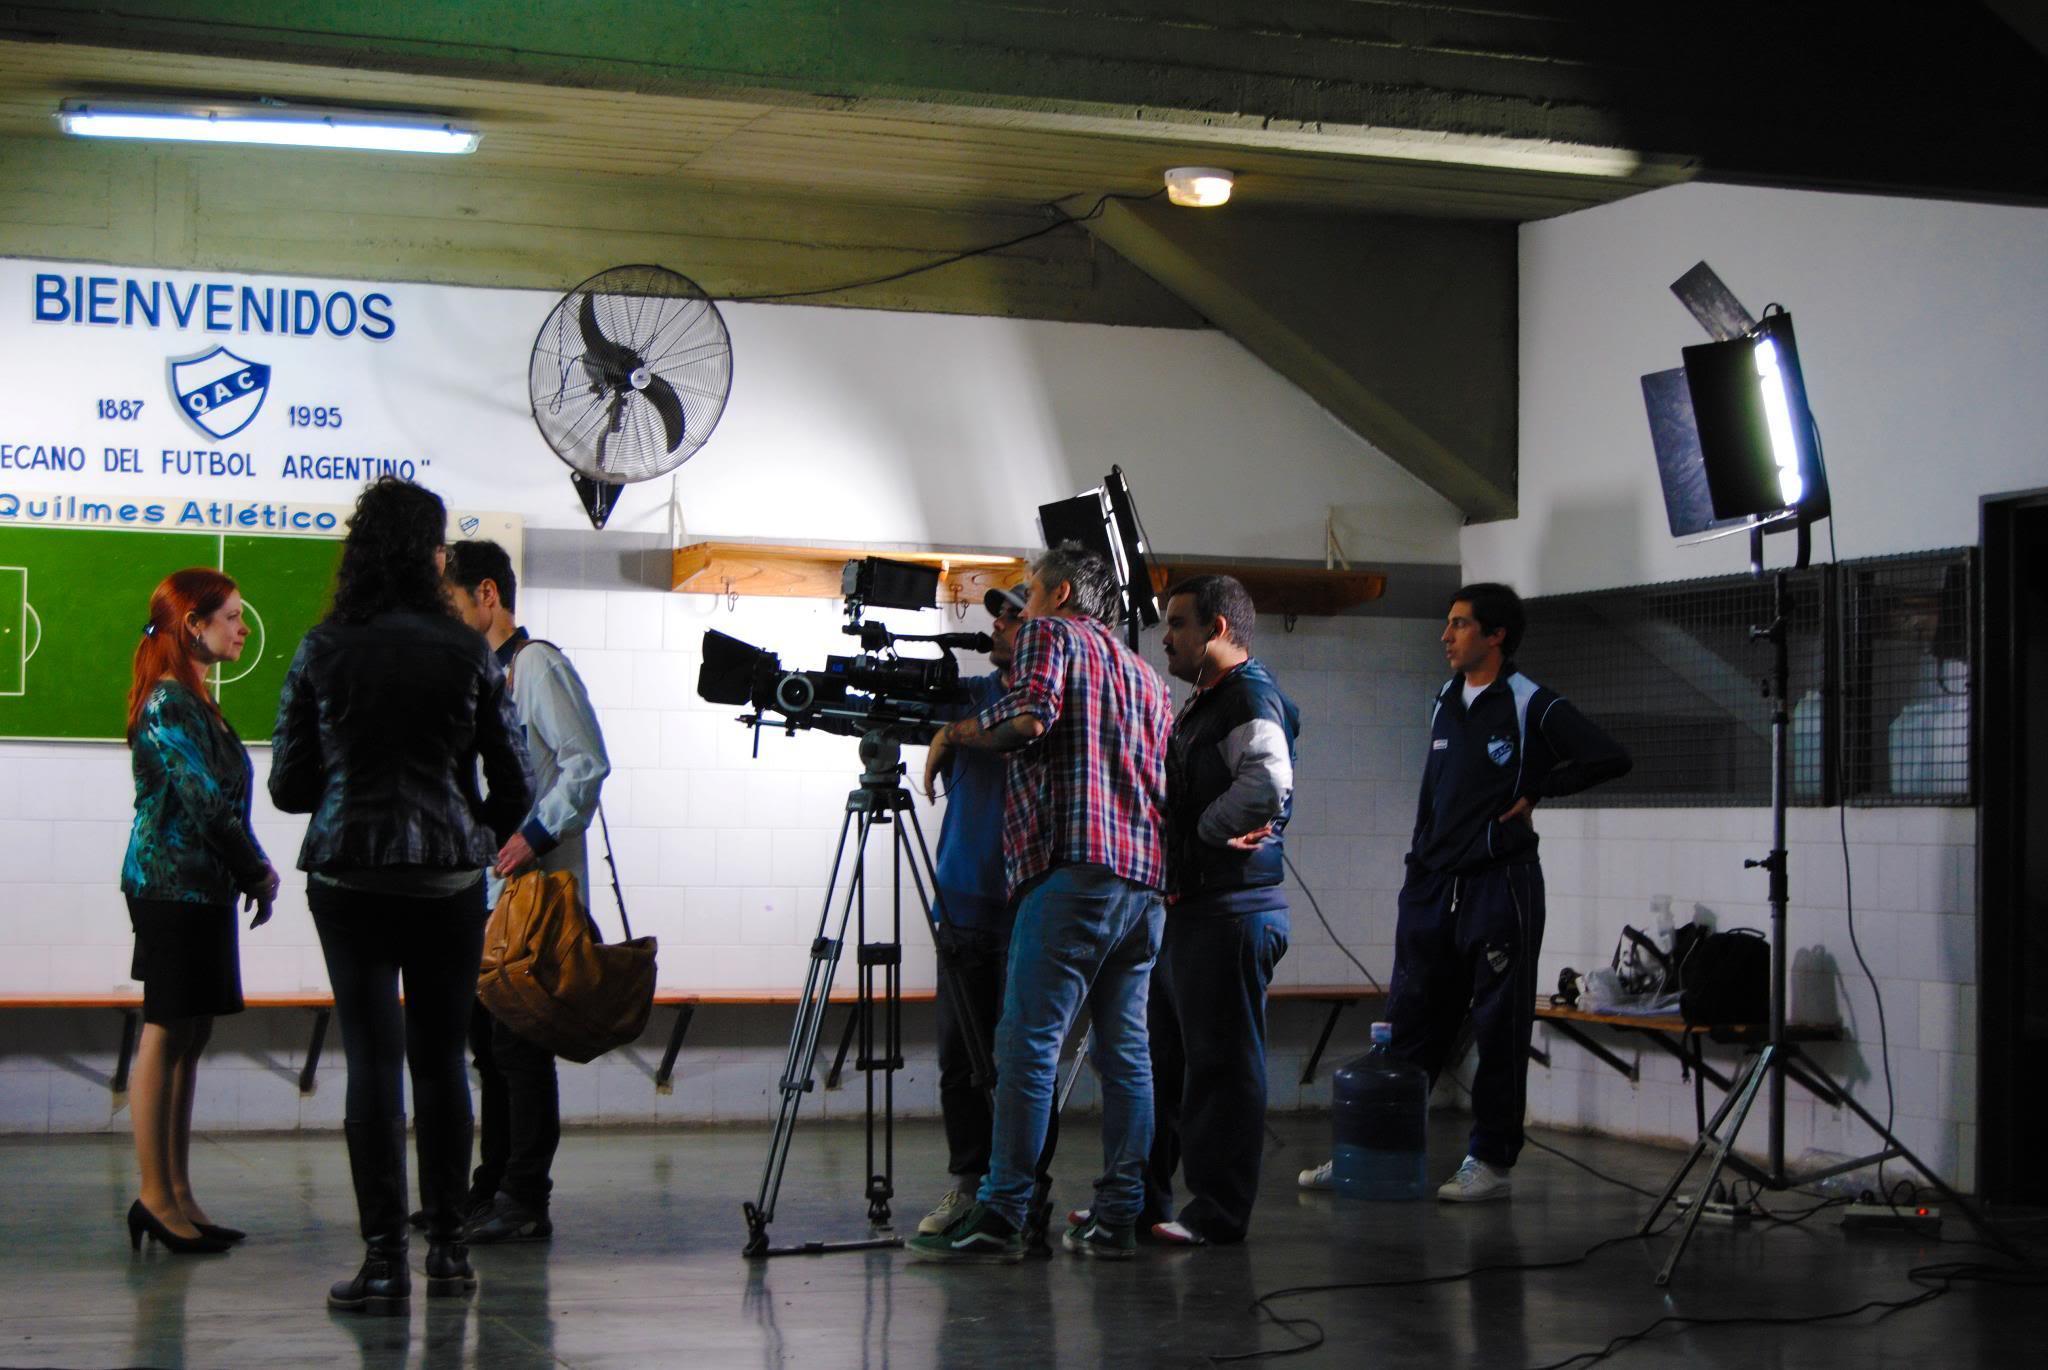 [25-05-2012] Andrea del Boca filma un documental sobre la historia del Quilmes Atlético Club 469260